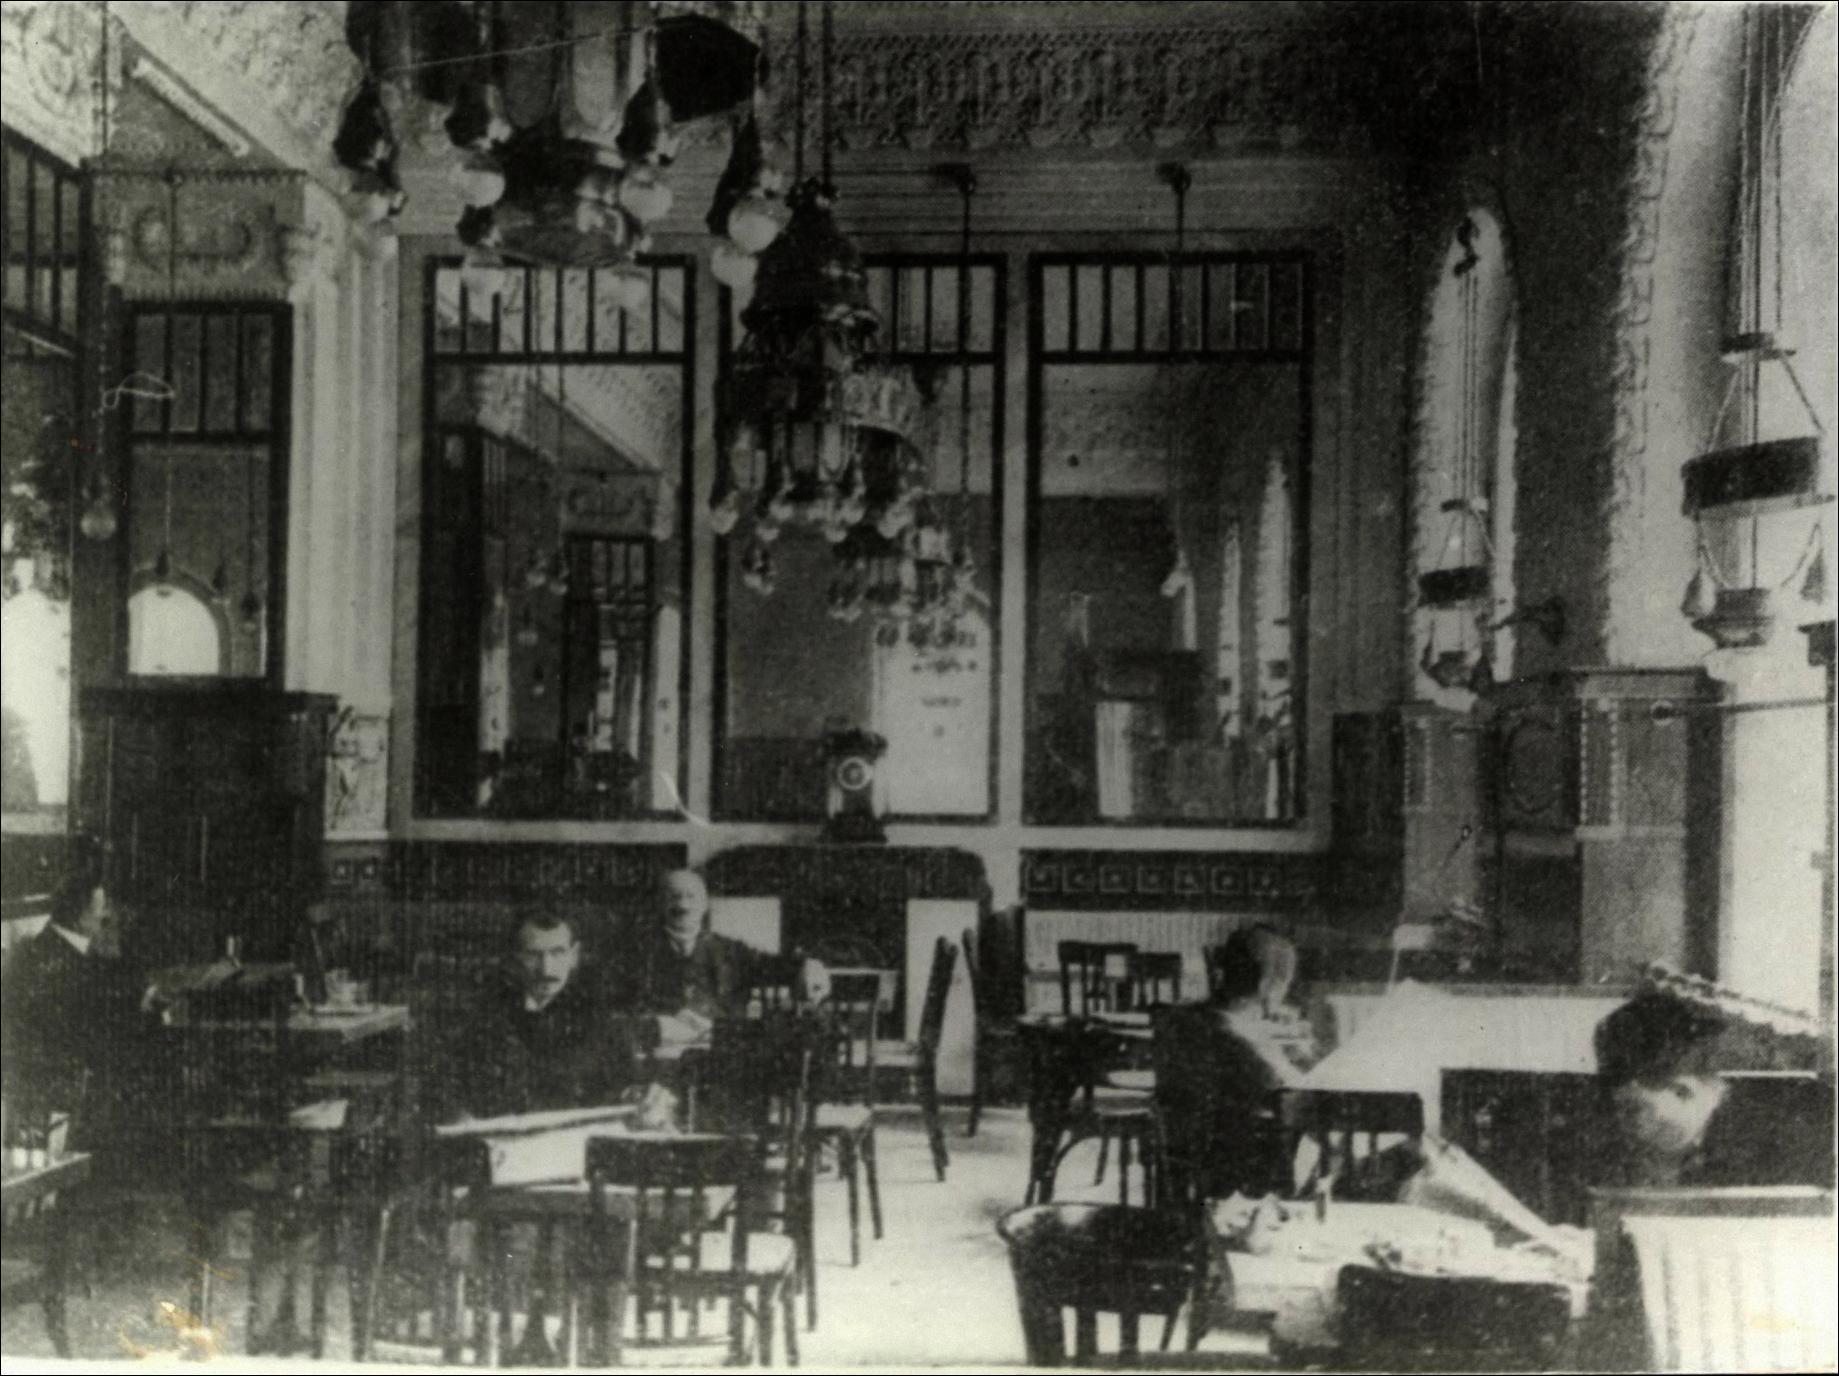 Az újonnan berendezett Westend kávéház